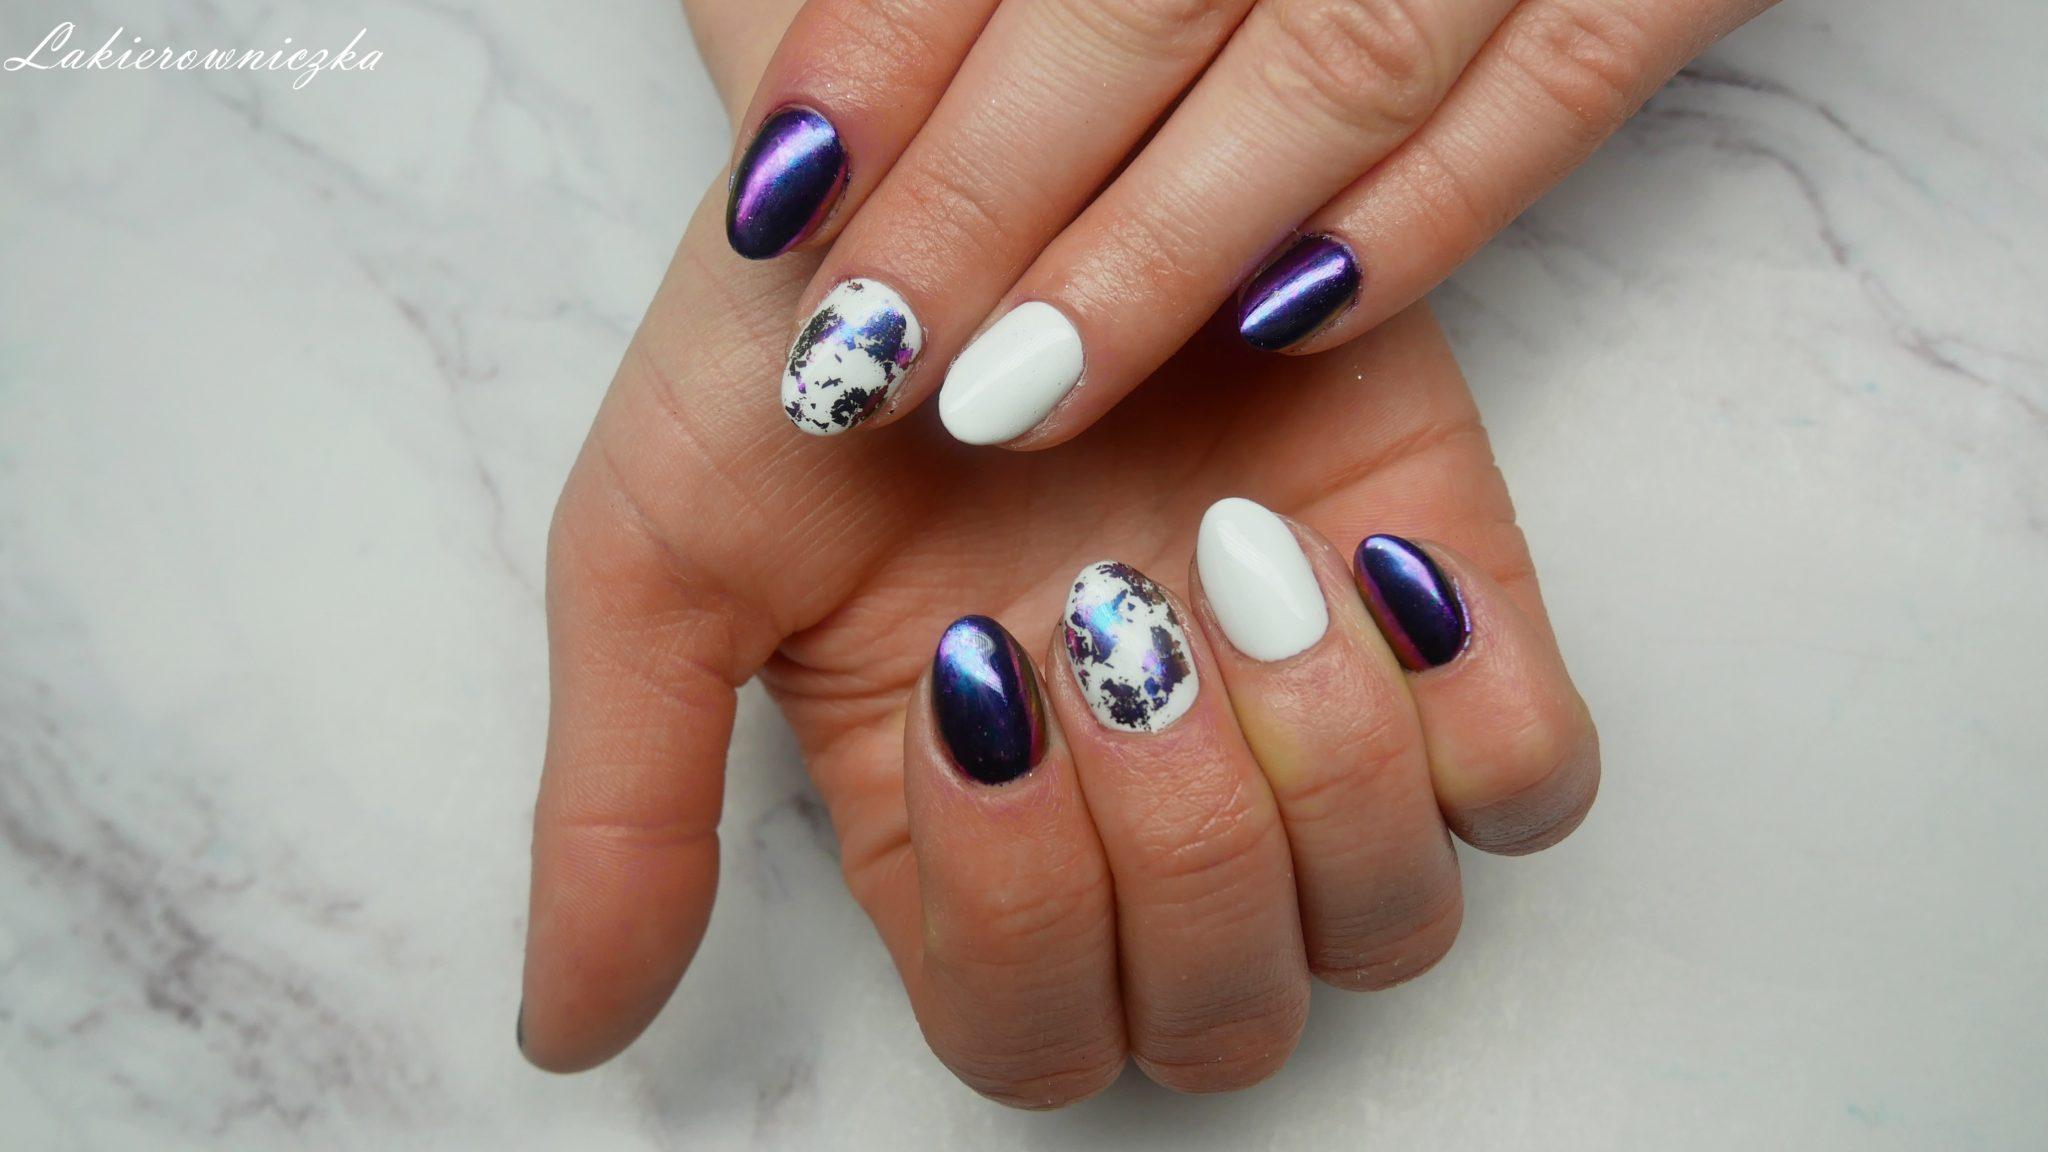 paznokcie-do-niebieskiej-sukienki-Rosegal-Lakierowniczka-white-blue-nails-hybrydy-paznokcie-hybrydowe-hybryda-hybrid-flejk-efekt-pylek-paznokcie do niebieskiej sukienki